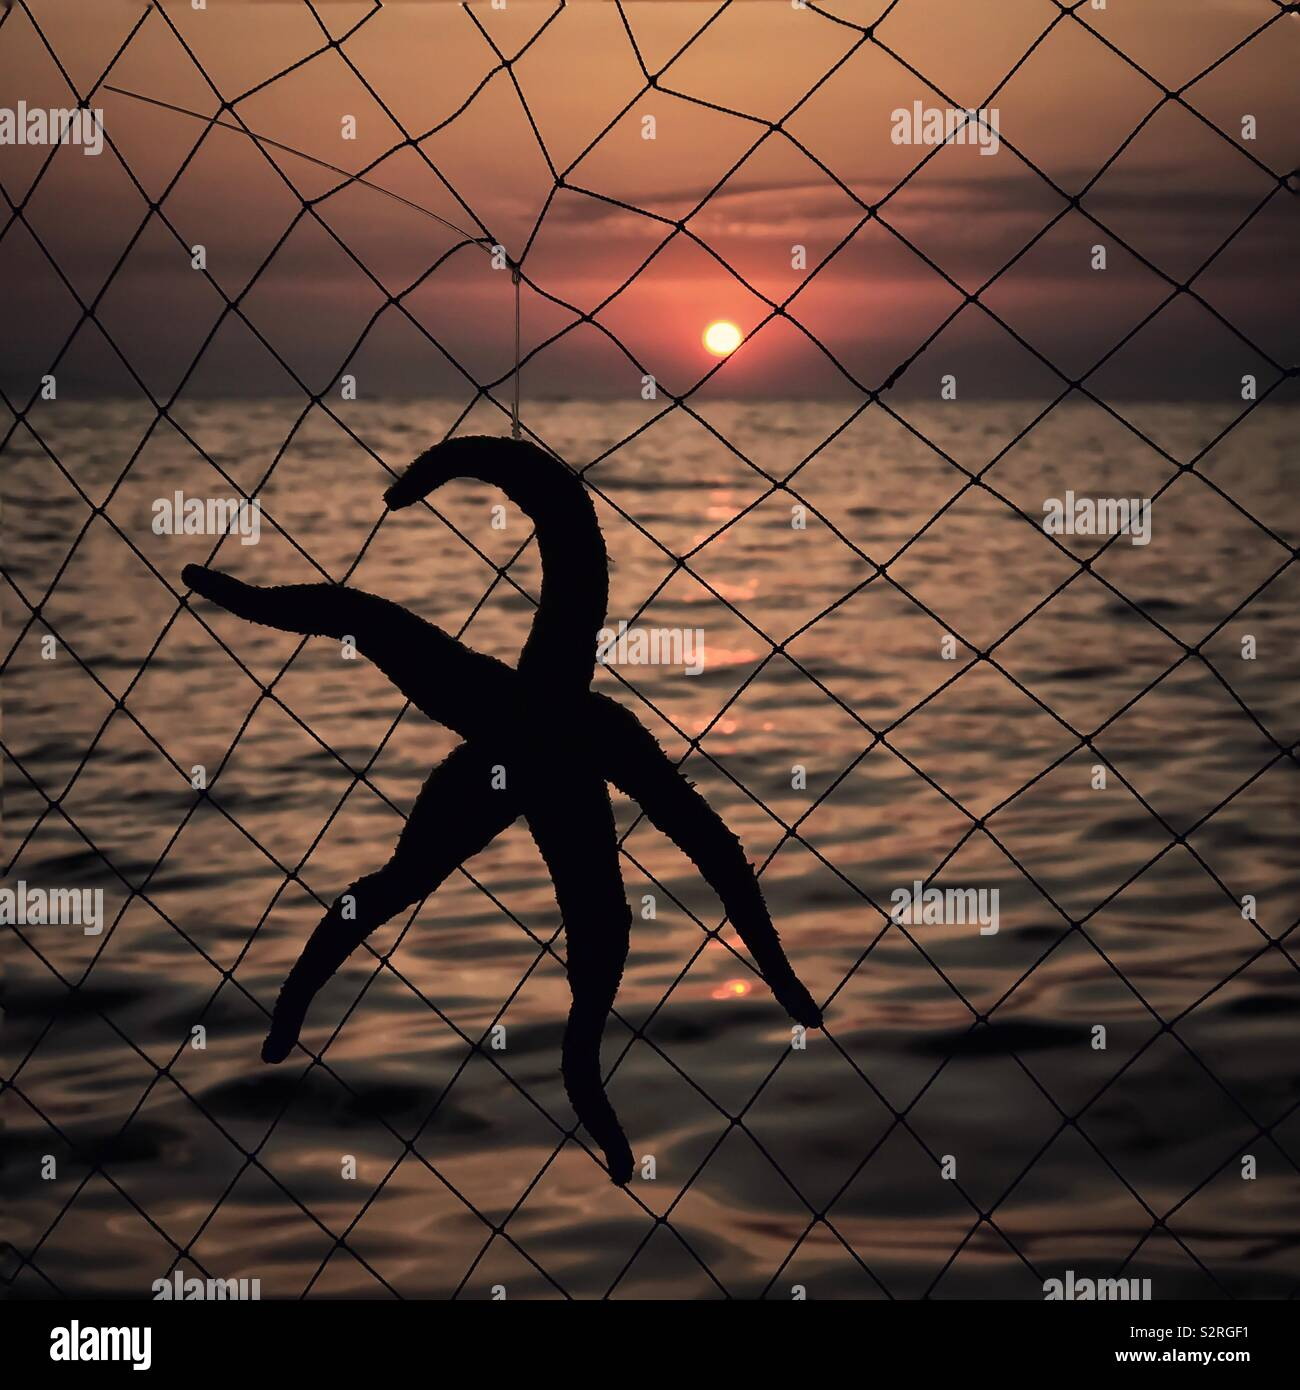 Una estrella de mar decoración colgado en la red de una valla contra un atardecer junto al mar Mavişehir Turquía Foto de stock